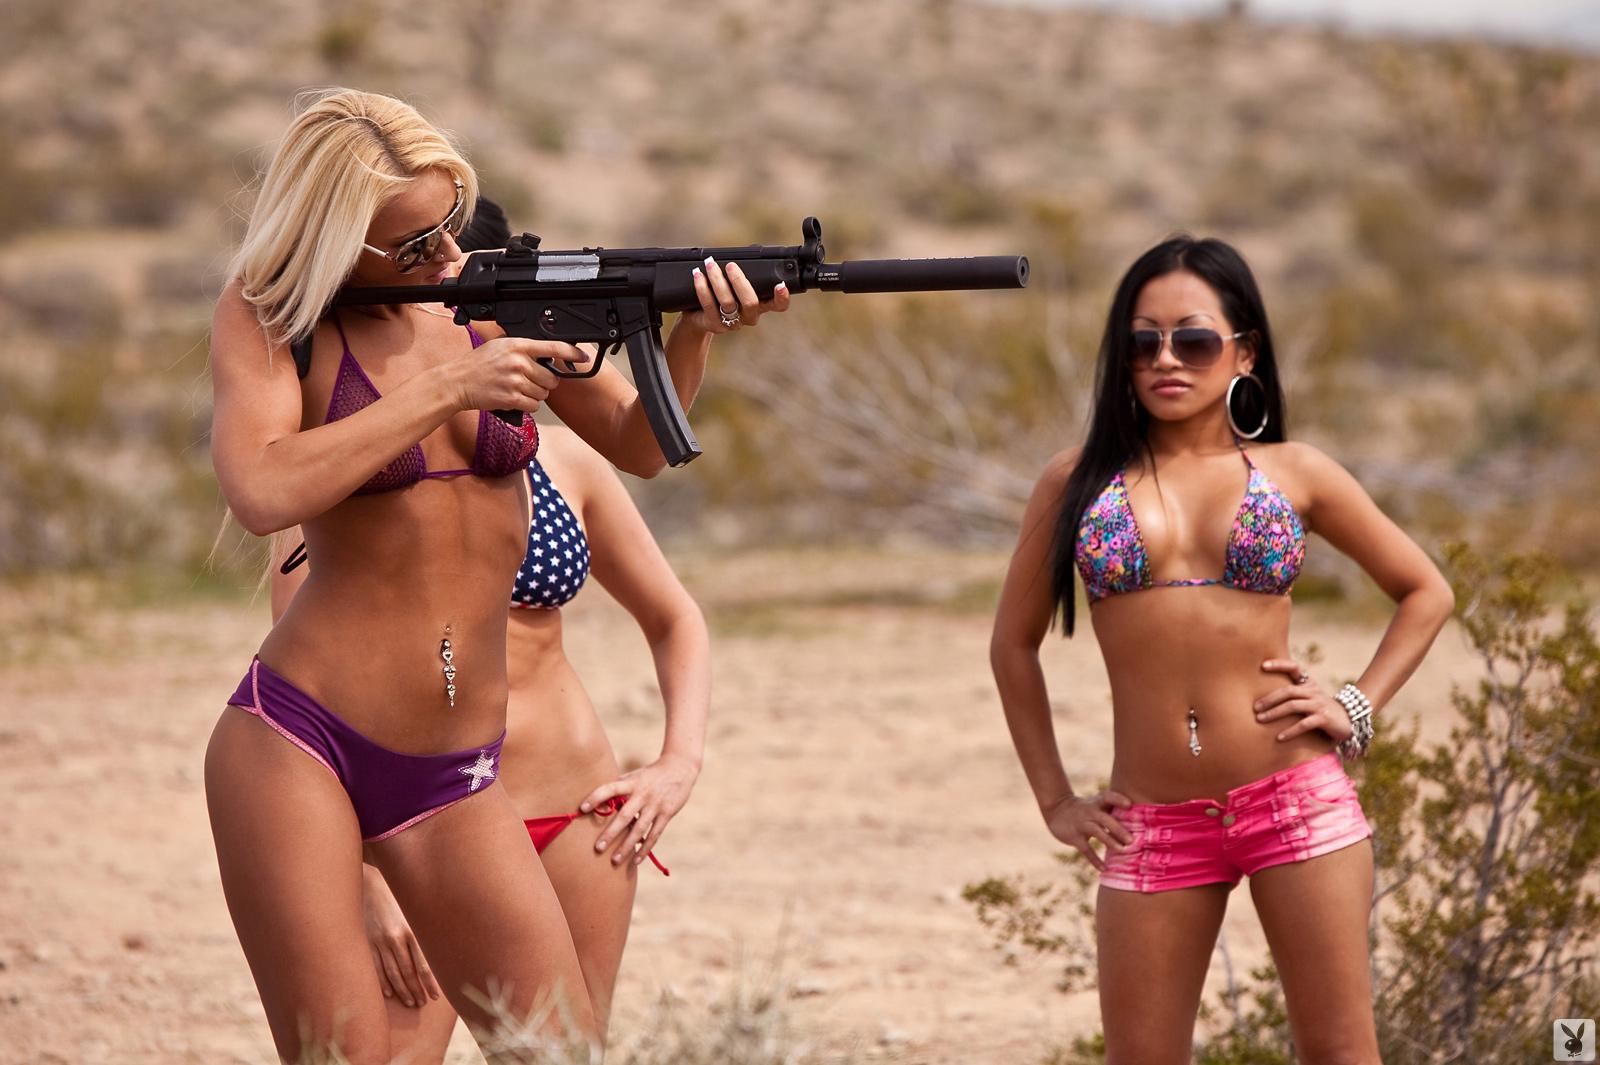 playboy-badass-nude-episode-01-guns-desert-02